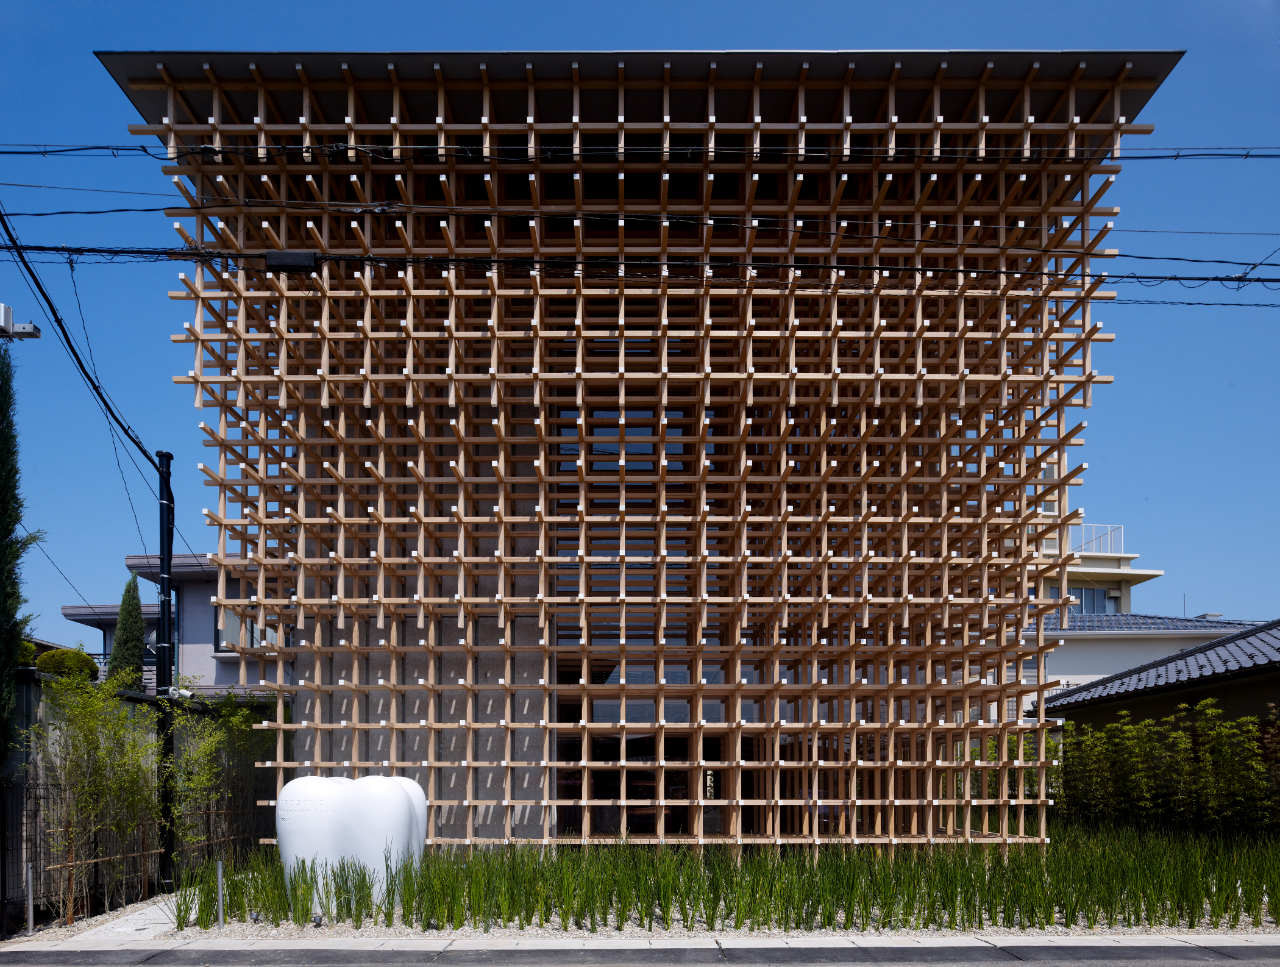 Το κτίριο του Ερευνητικού Κέντρου του Μουσείου GG Prostho στην Ιαπωνία βασίστηκε στο Cidori, ένα παραδοσιακό ιαπωνικό παιχνίδι με ξυλάκια τα οποία μπορούν να επεκταθούν απλώς περιστρέφοντας τα, χωρίς να χρειάζονται καρφιά ή μεταλλικά εξαρτήματα